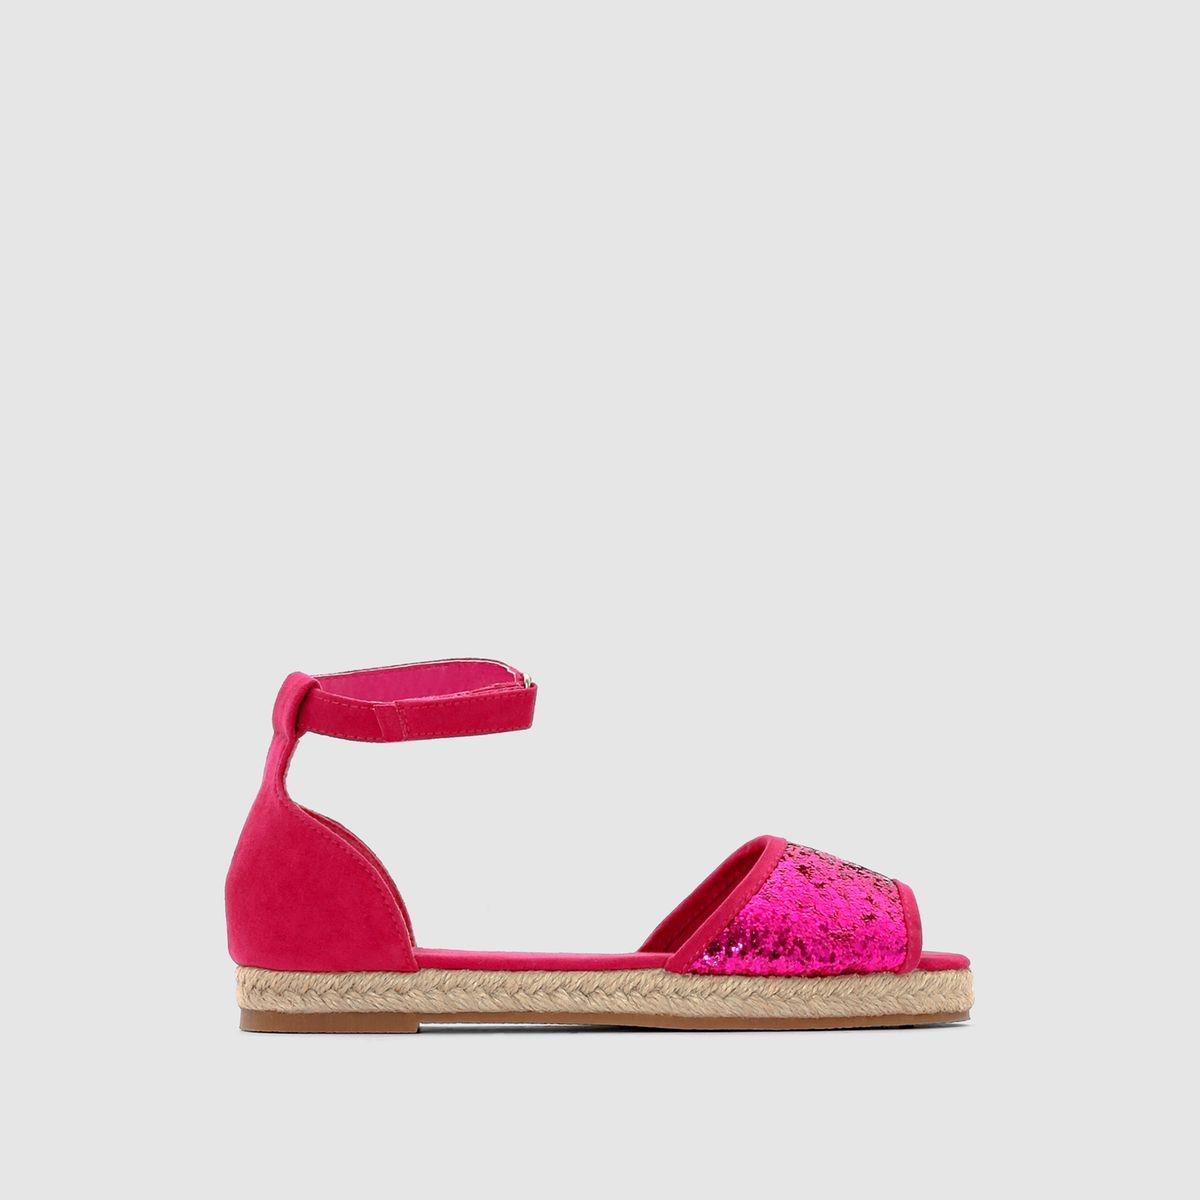 Sandales, dessus brillant, semelle corde